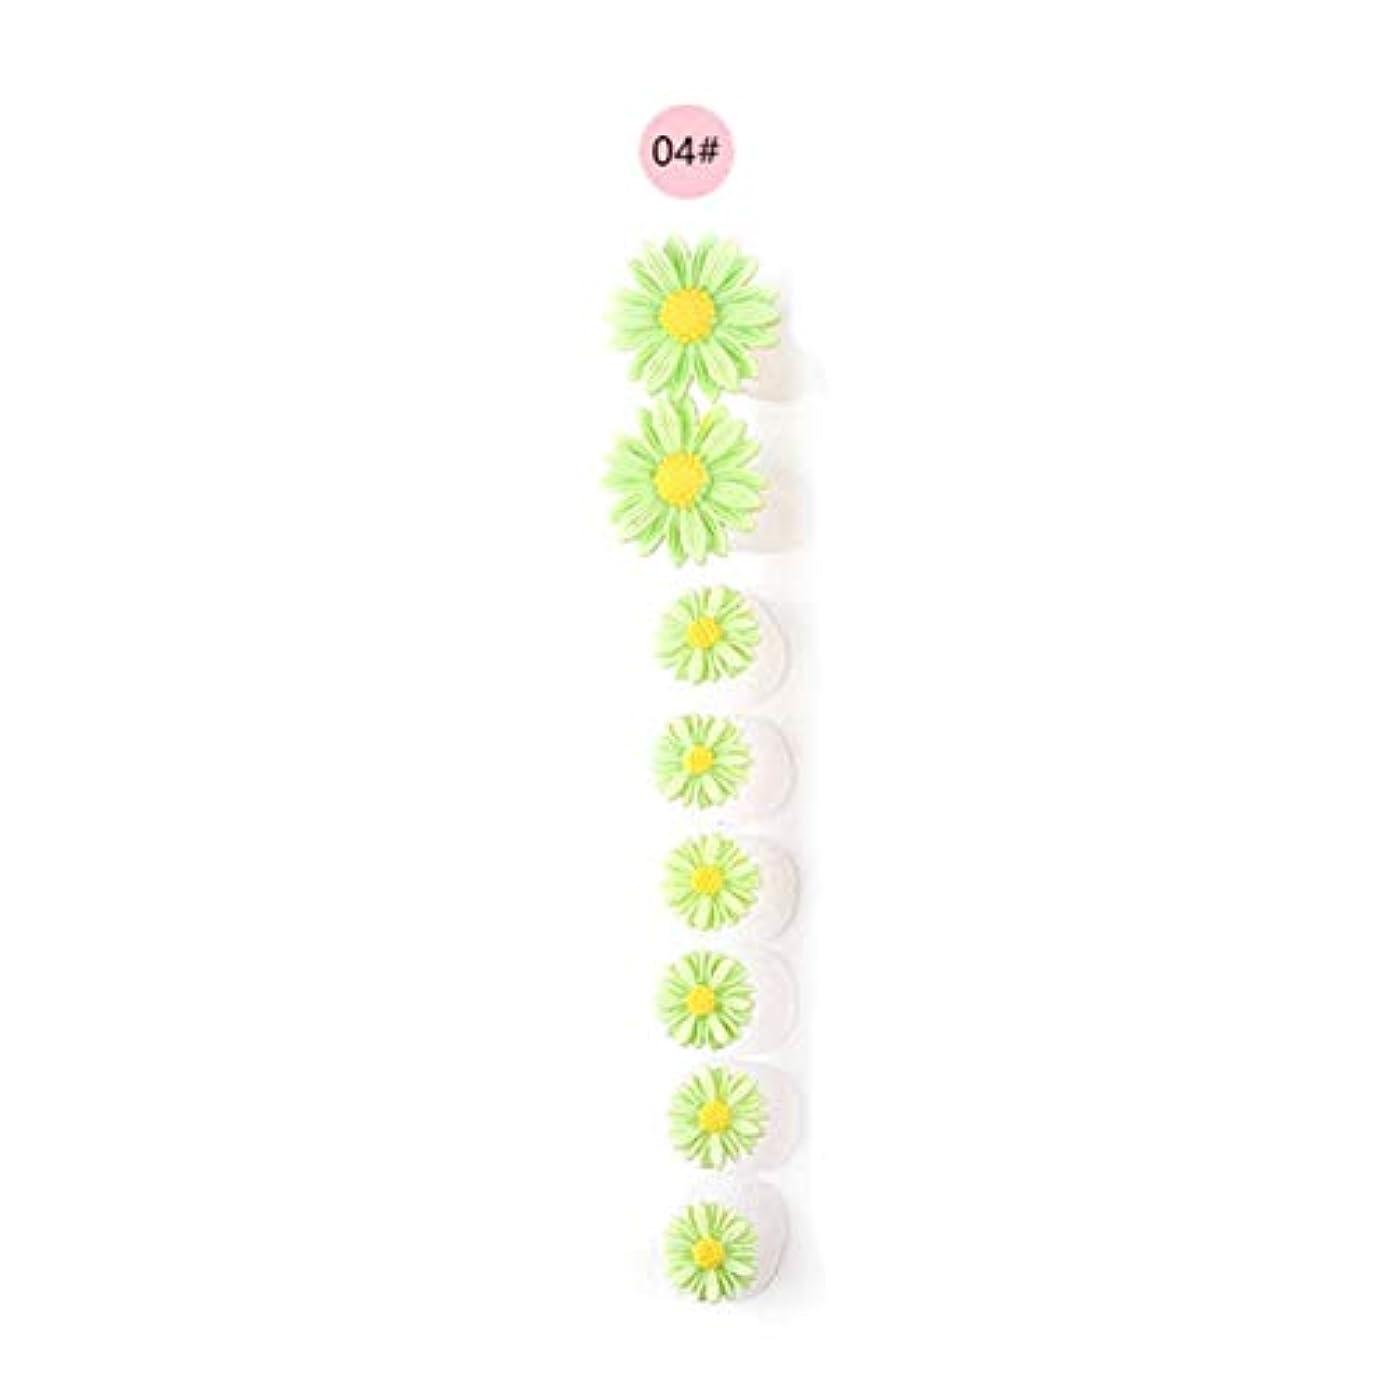 修理可能合法お祝い8ピース/セットシリコンつま先セパレーター足つま先スペーサー花形ペディキュアDIYネイルアートツール-カラフル04#